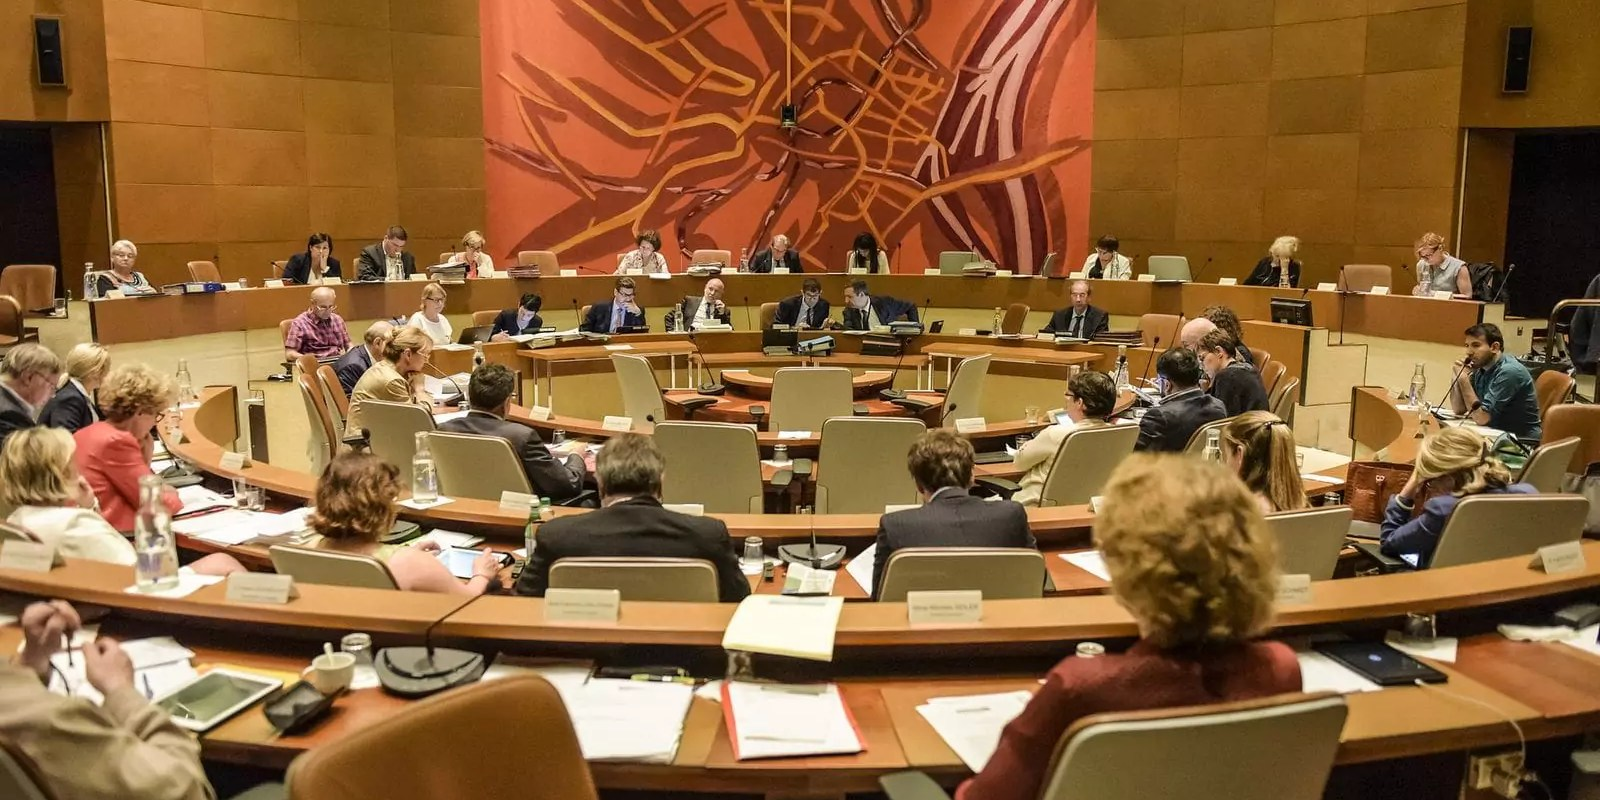 Au conseil municipal de Strasbourg, petite vitesse pour l'exécutif, gros dossiers pour l'opposition